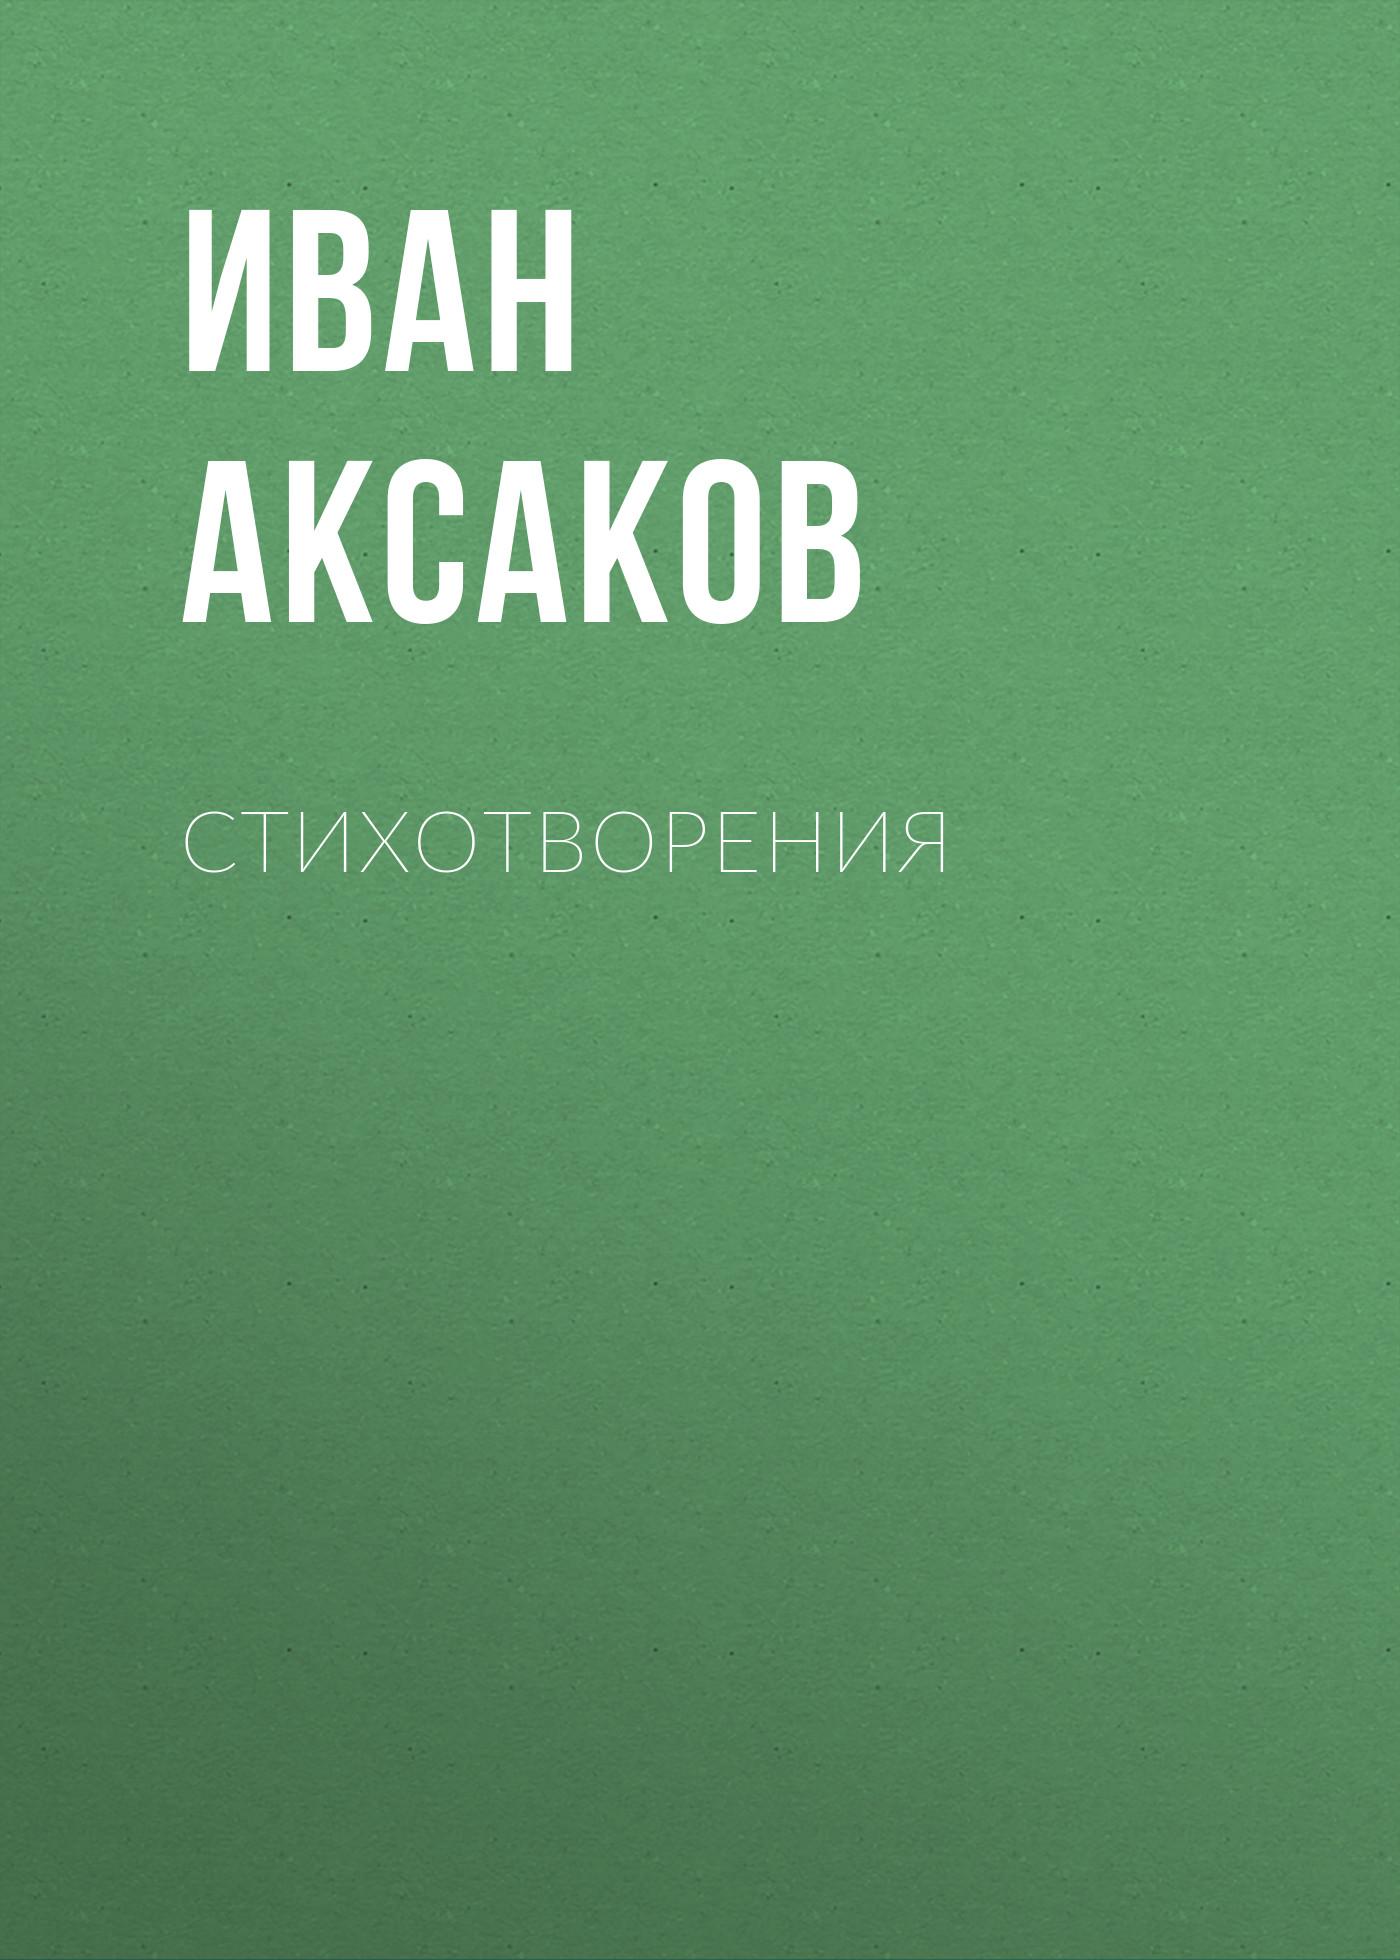 Иван Аксаков Стихотворения аттестат бешеной